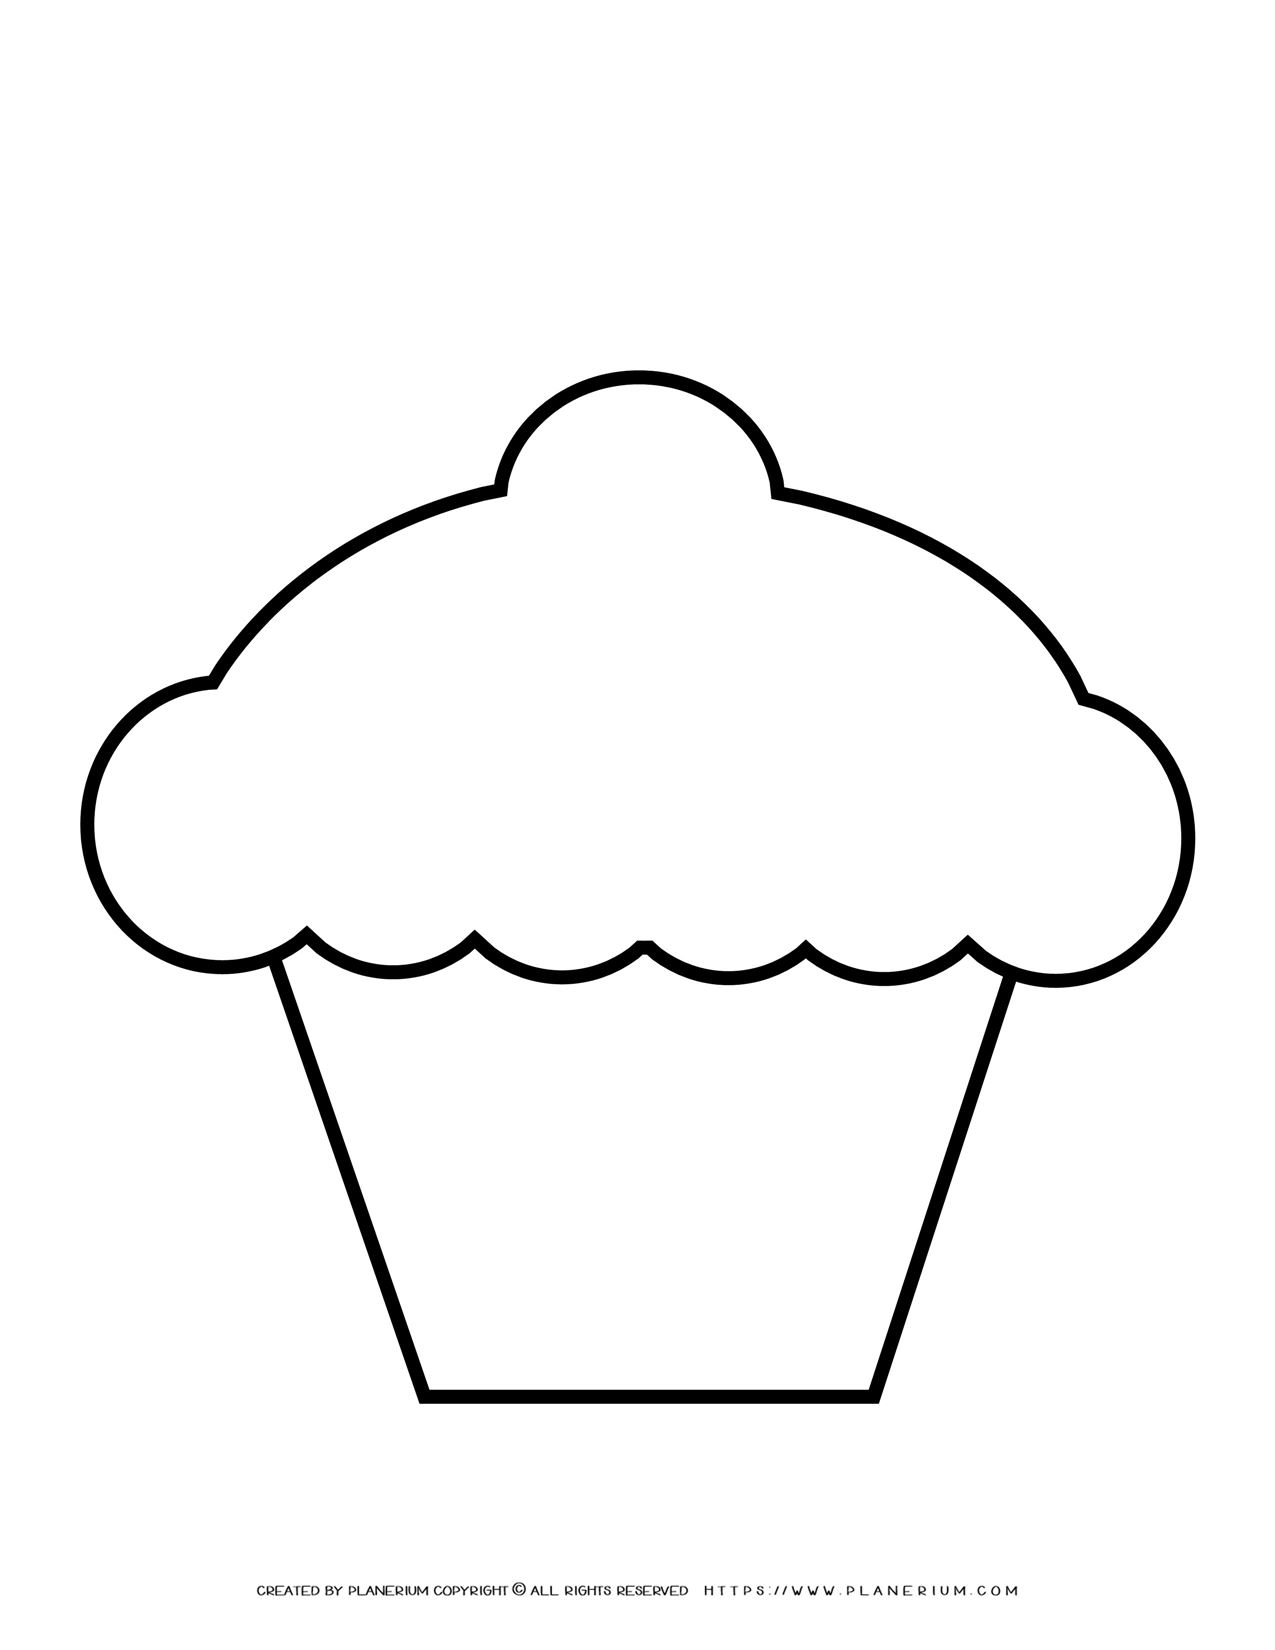 Cupcake Outline | Planerium